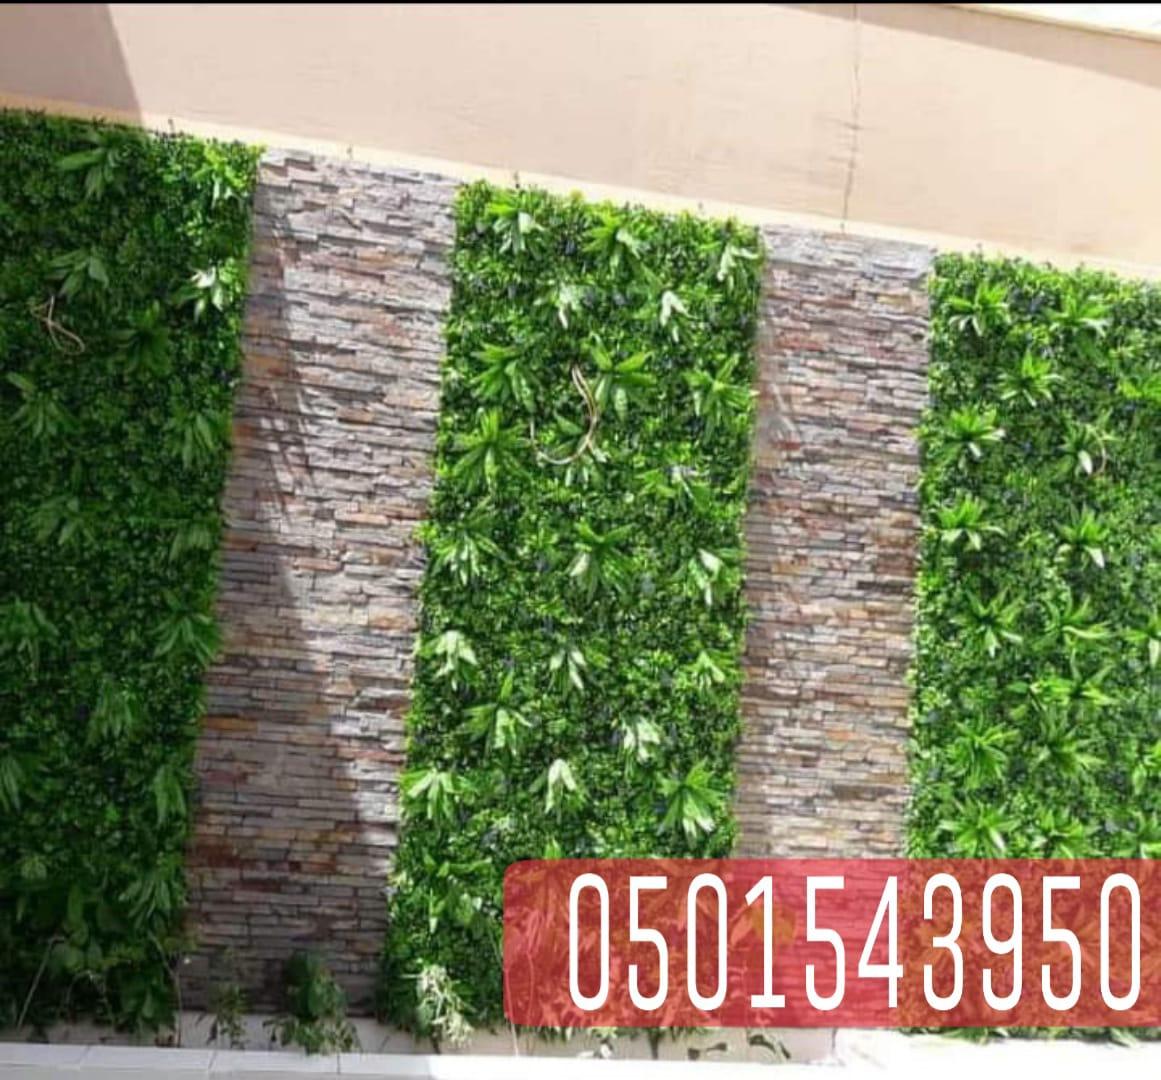 تصميم برجولات وتنسيق حدائق في مكة و جدة , 0501543950 P_2078771cd1